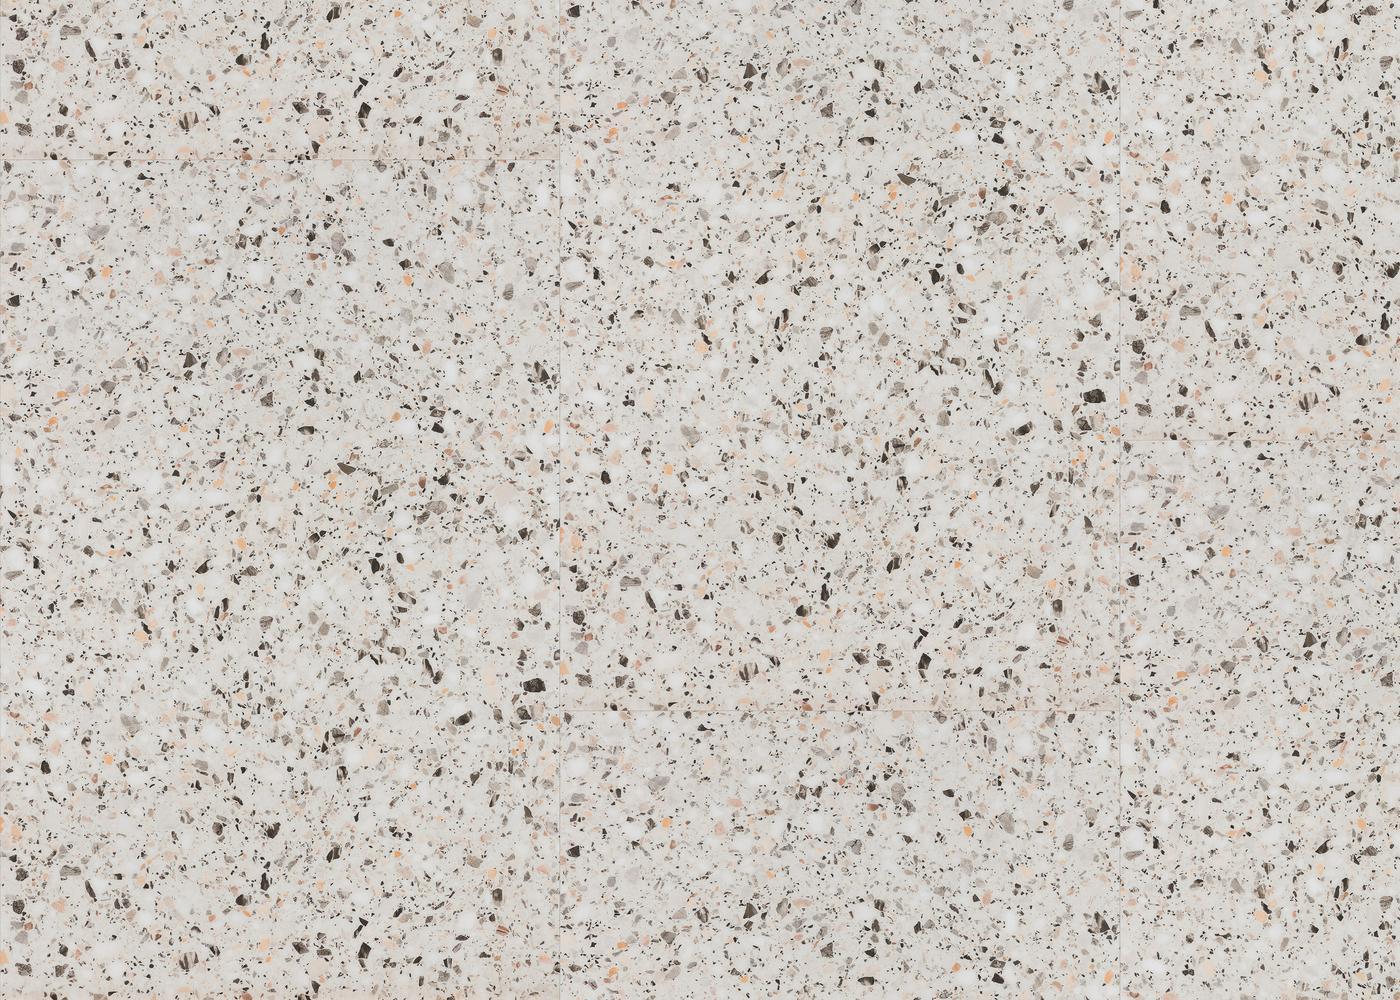 Vinyle rigide Terrazzo passage commercial 4.5x600x900